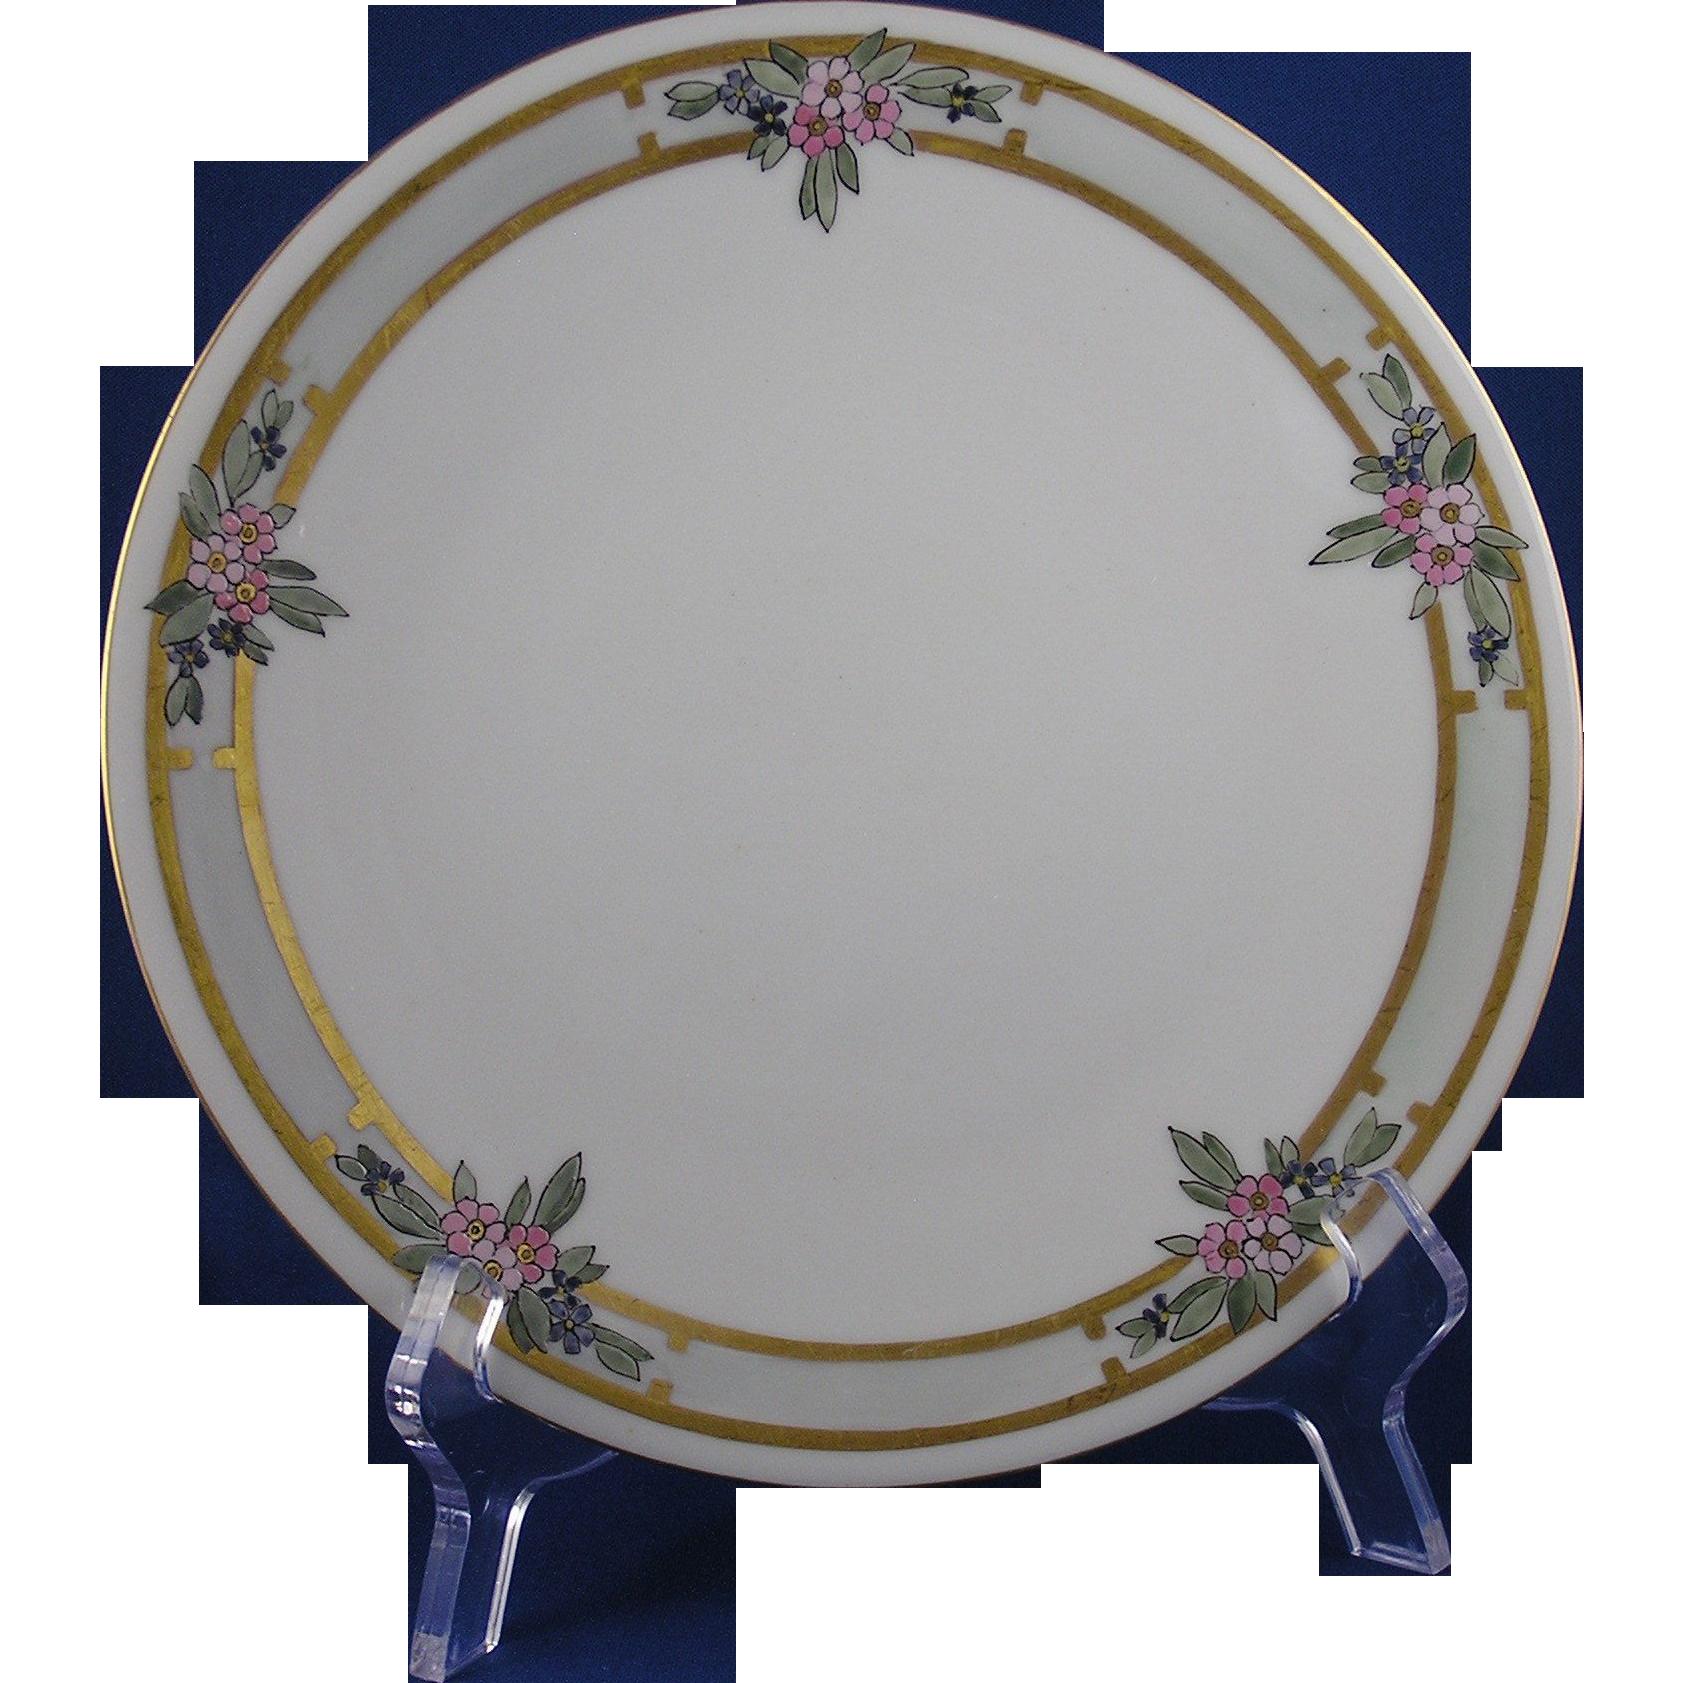 Bavaria Arts & Crafts Enameled Floral Motif Plate (c.1910-1930)